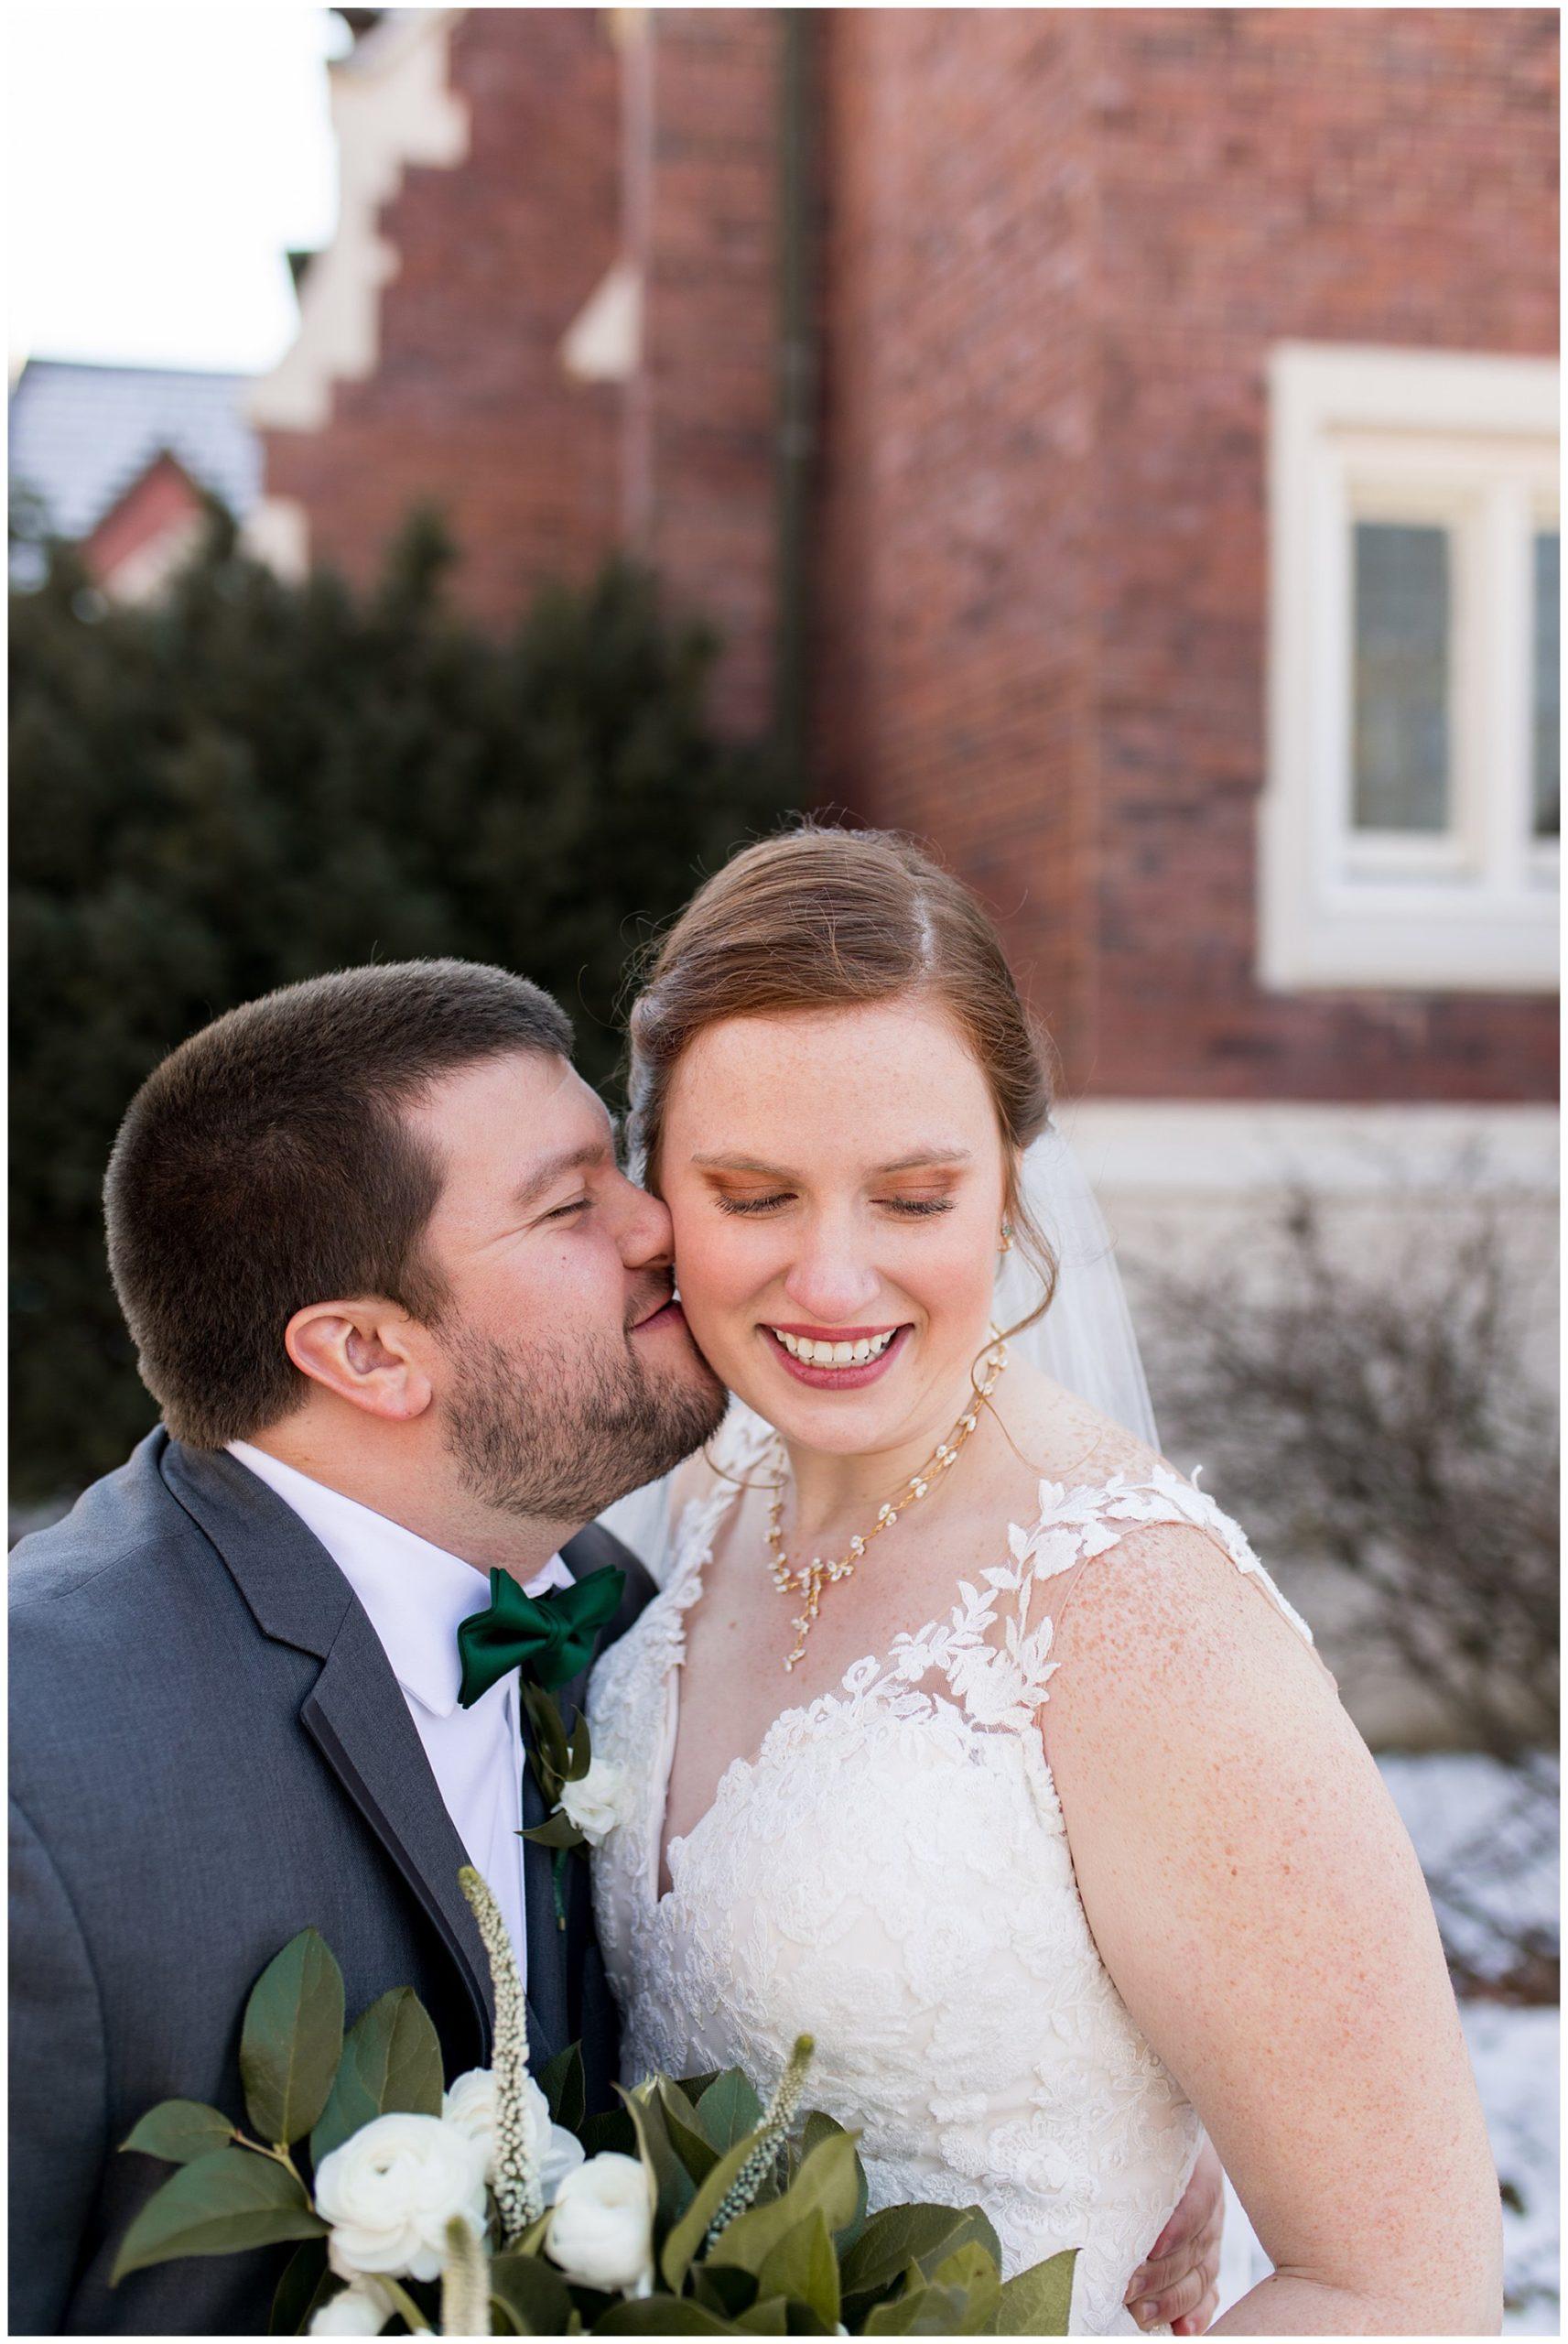 groom nuzzles bride's cheek